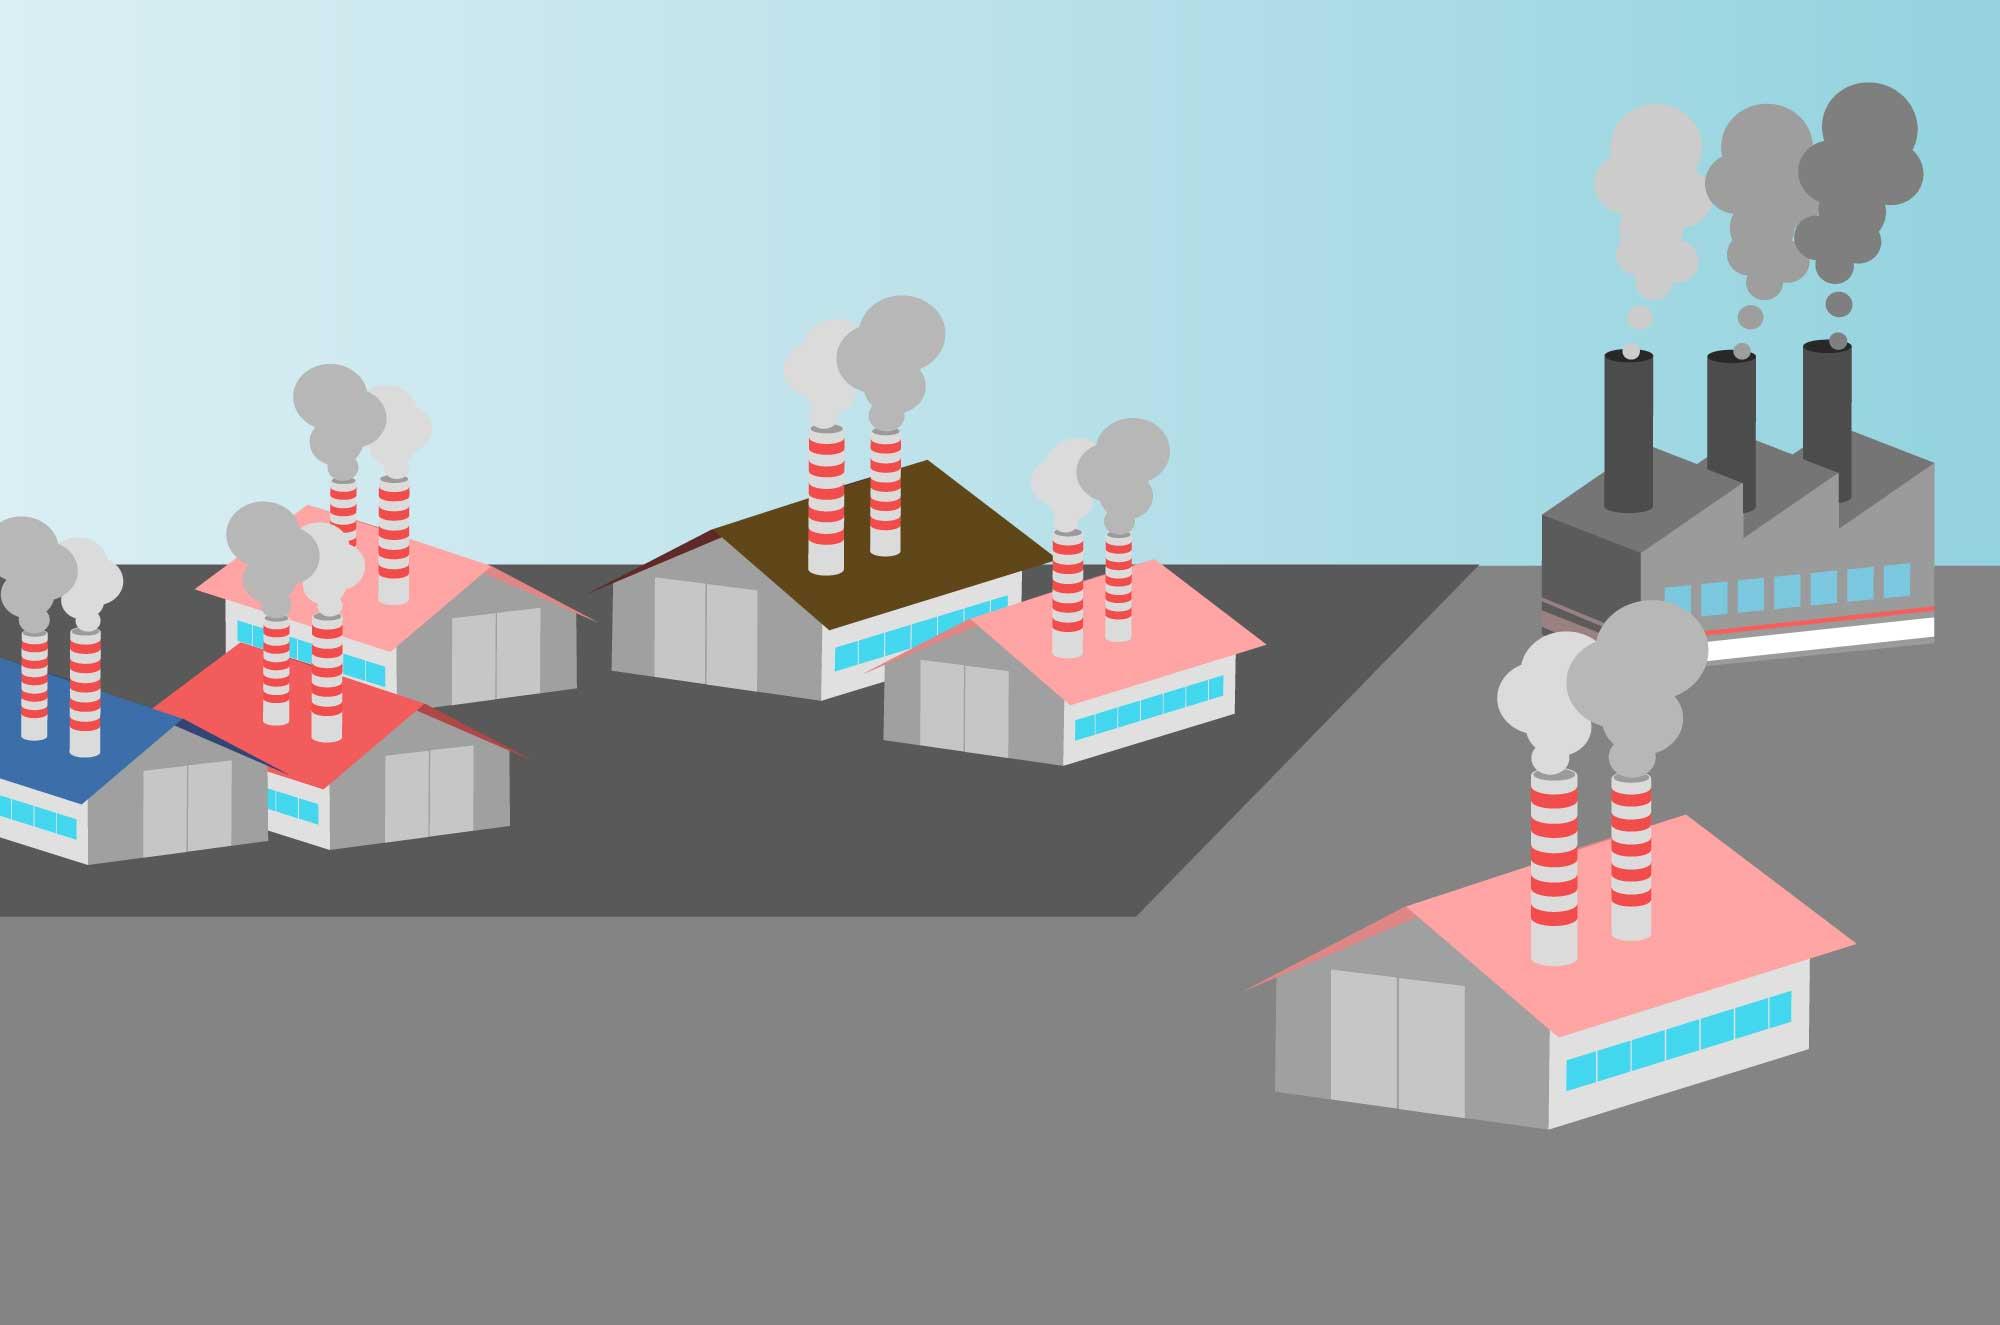 工場の無料イラスト - 煙突と公害・地図イメージ素材